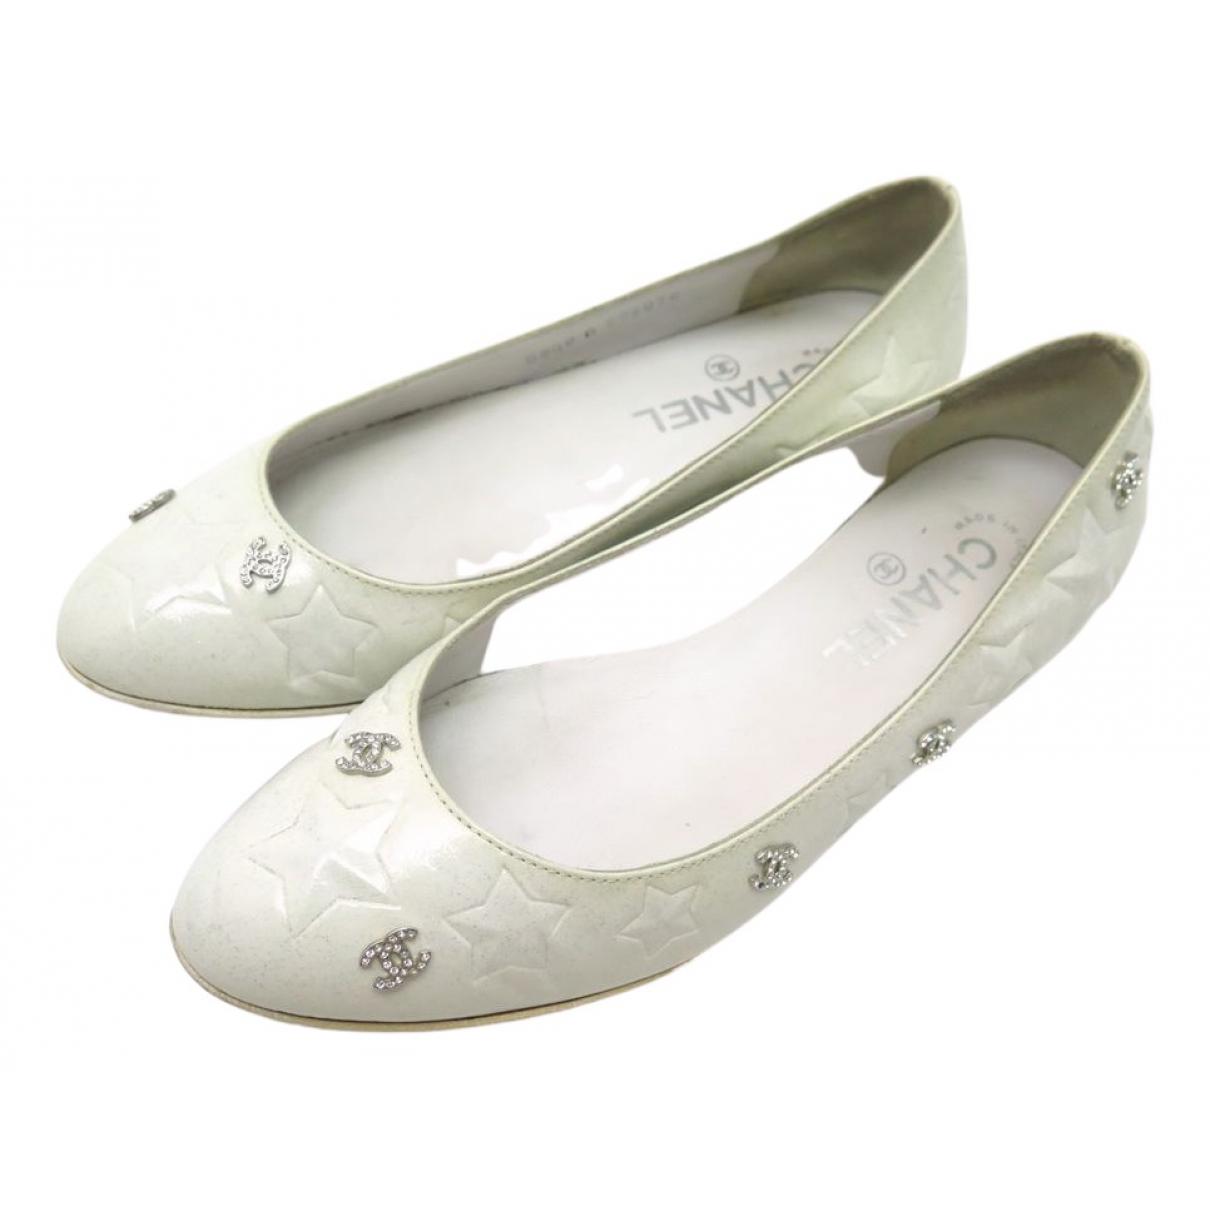 Chanel \N Ballerinas in  Weiss Lackleder